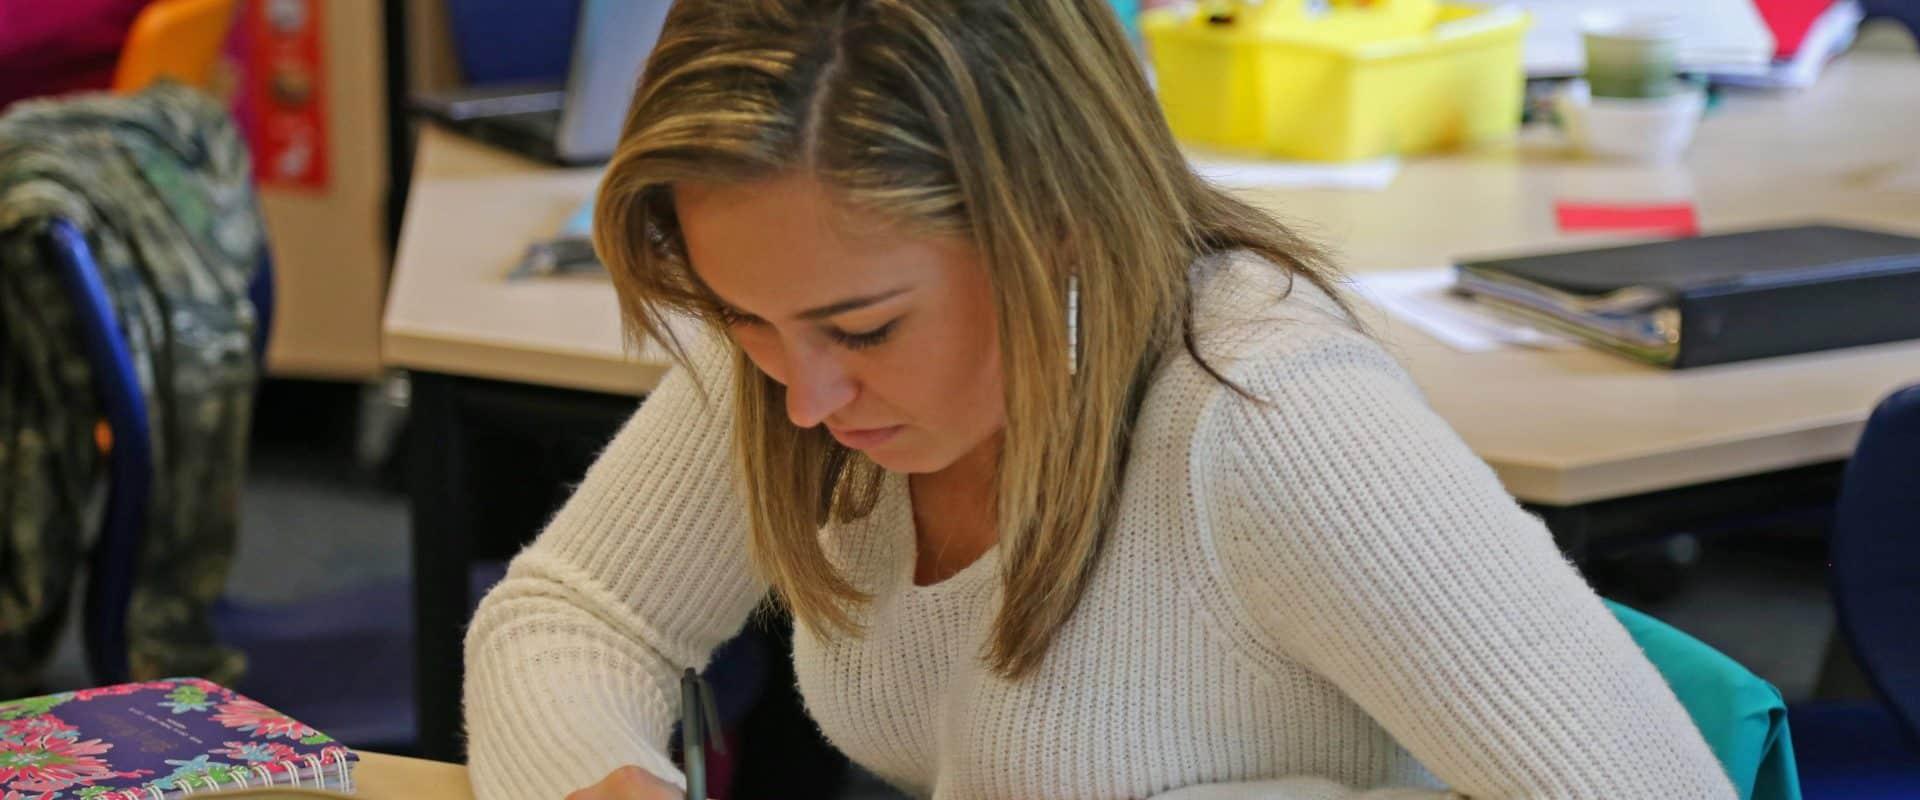 Study Education at WPU